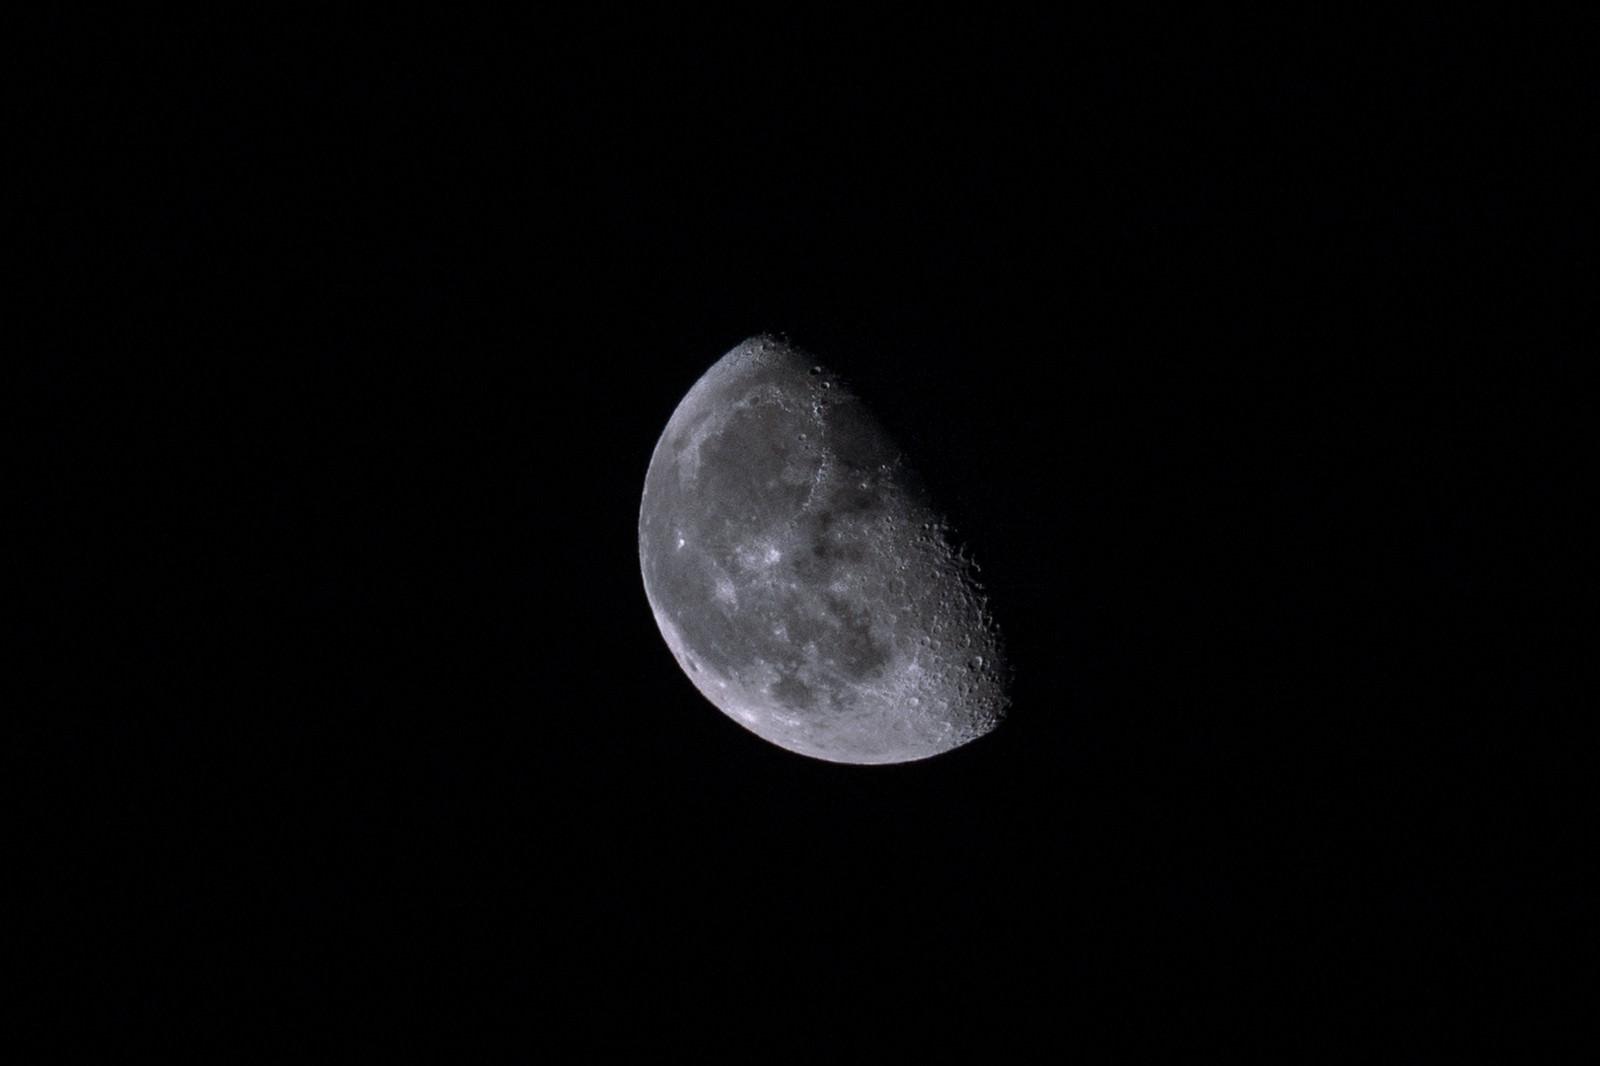 「2/3の純情な半月」の写真